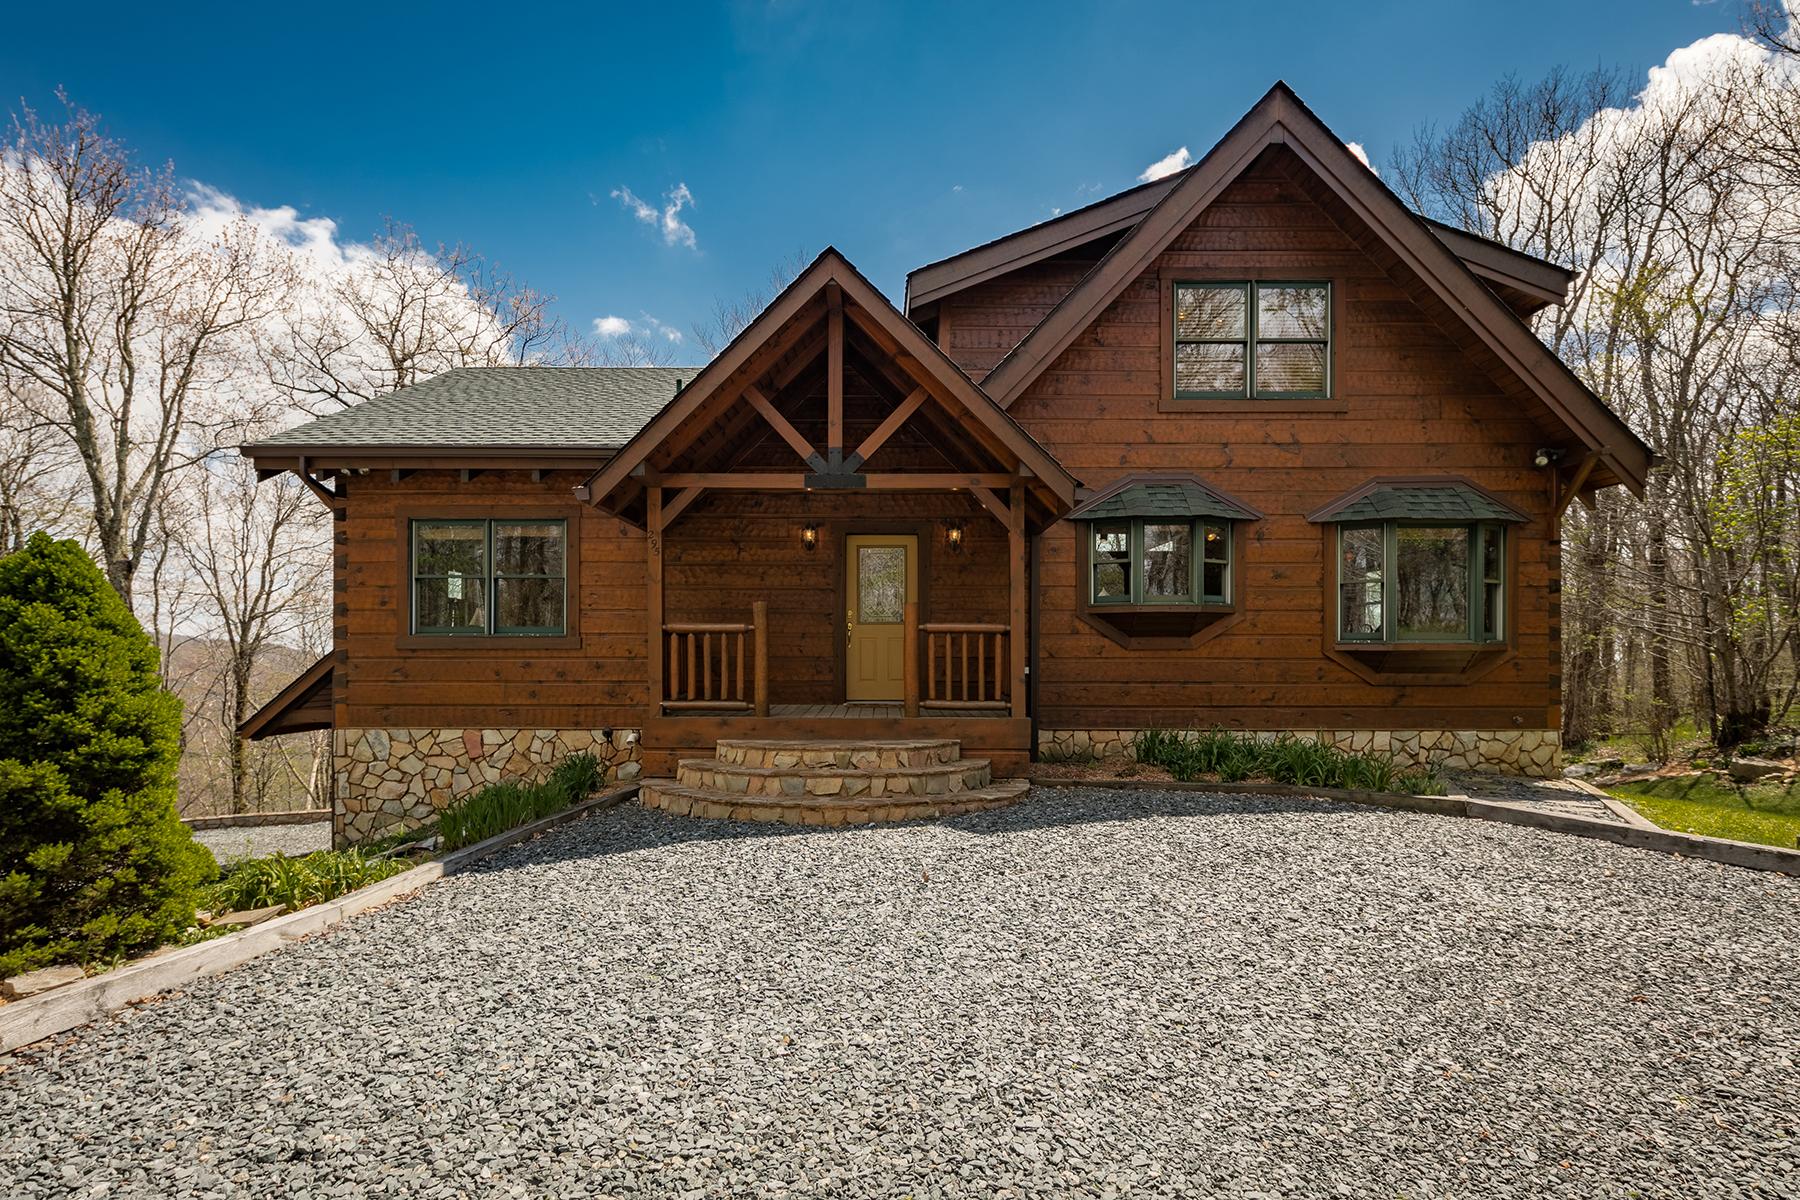 Nhà ở một gia đình vì Bán tại BANNER ELK - MOUNTAIN MEADOWS 295 Summit Trl Banner Elk, Bắc Carolina, 28604 Hoa Kỳ